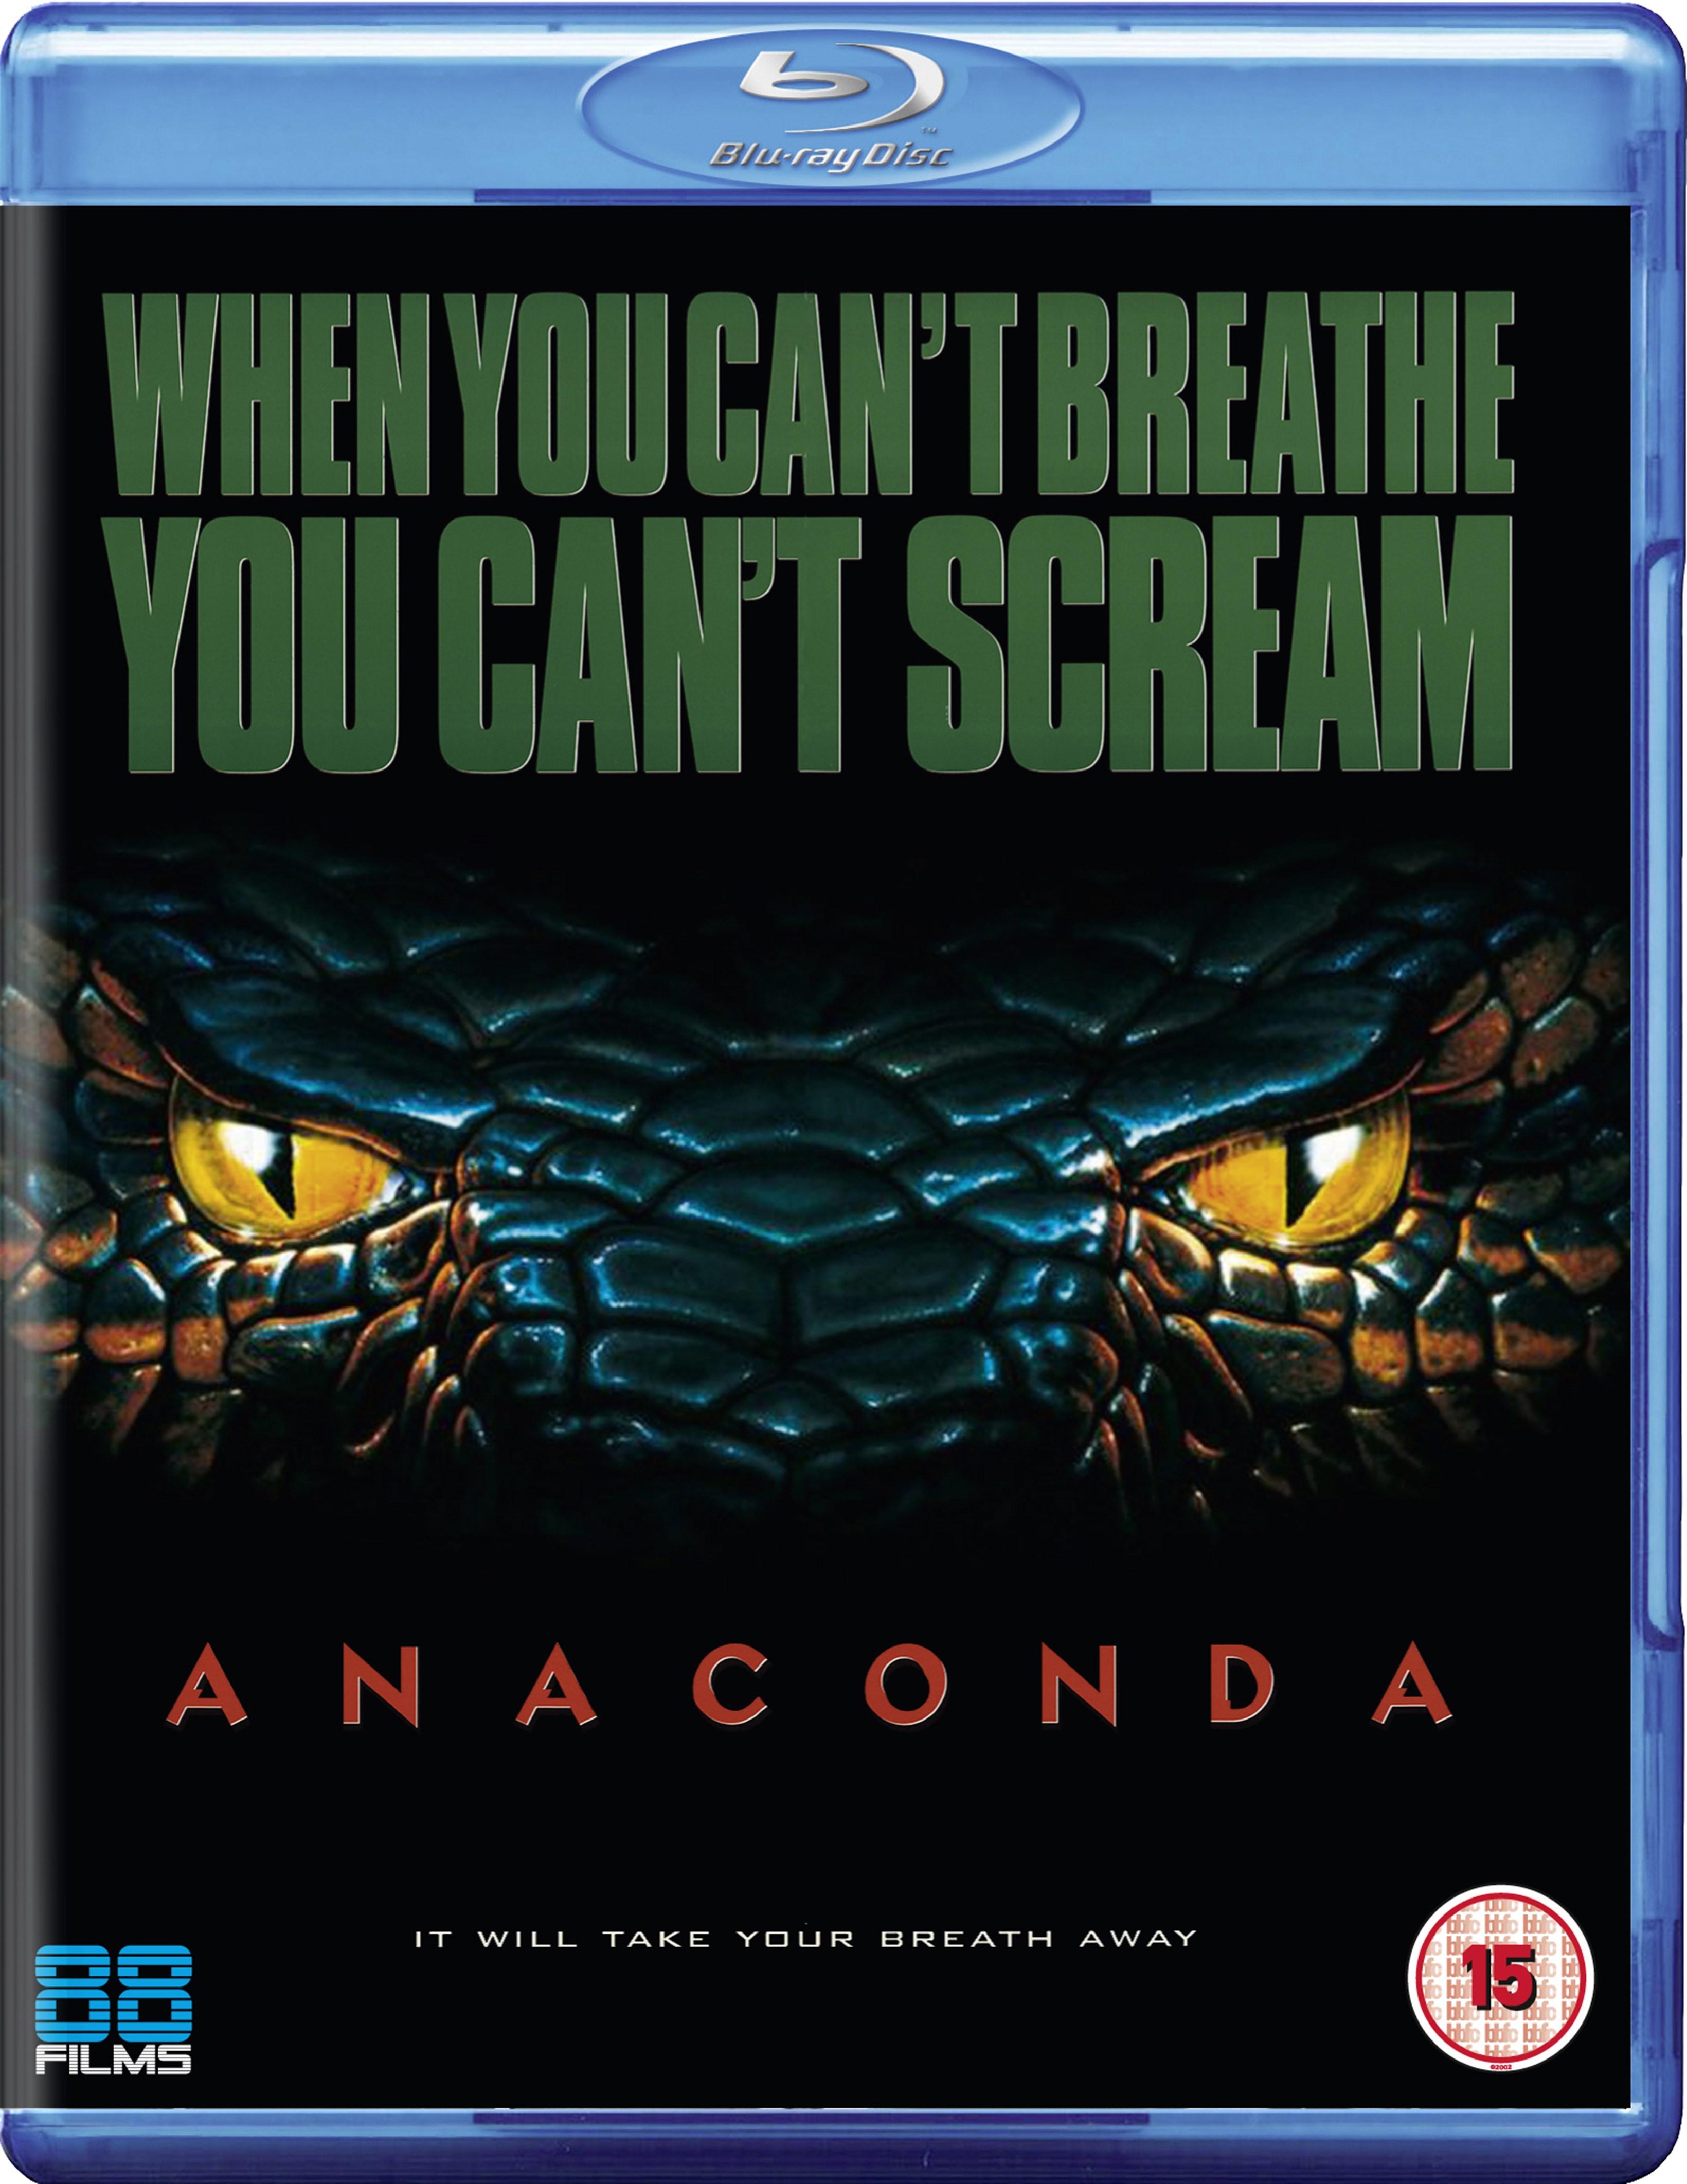 Anaconda - 1